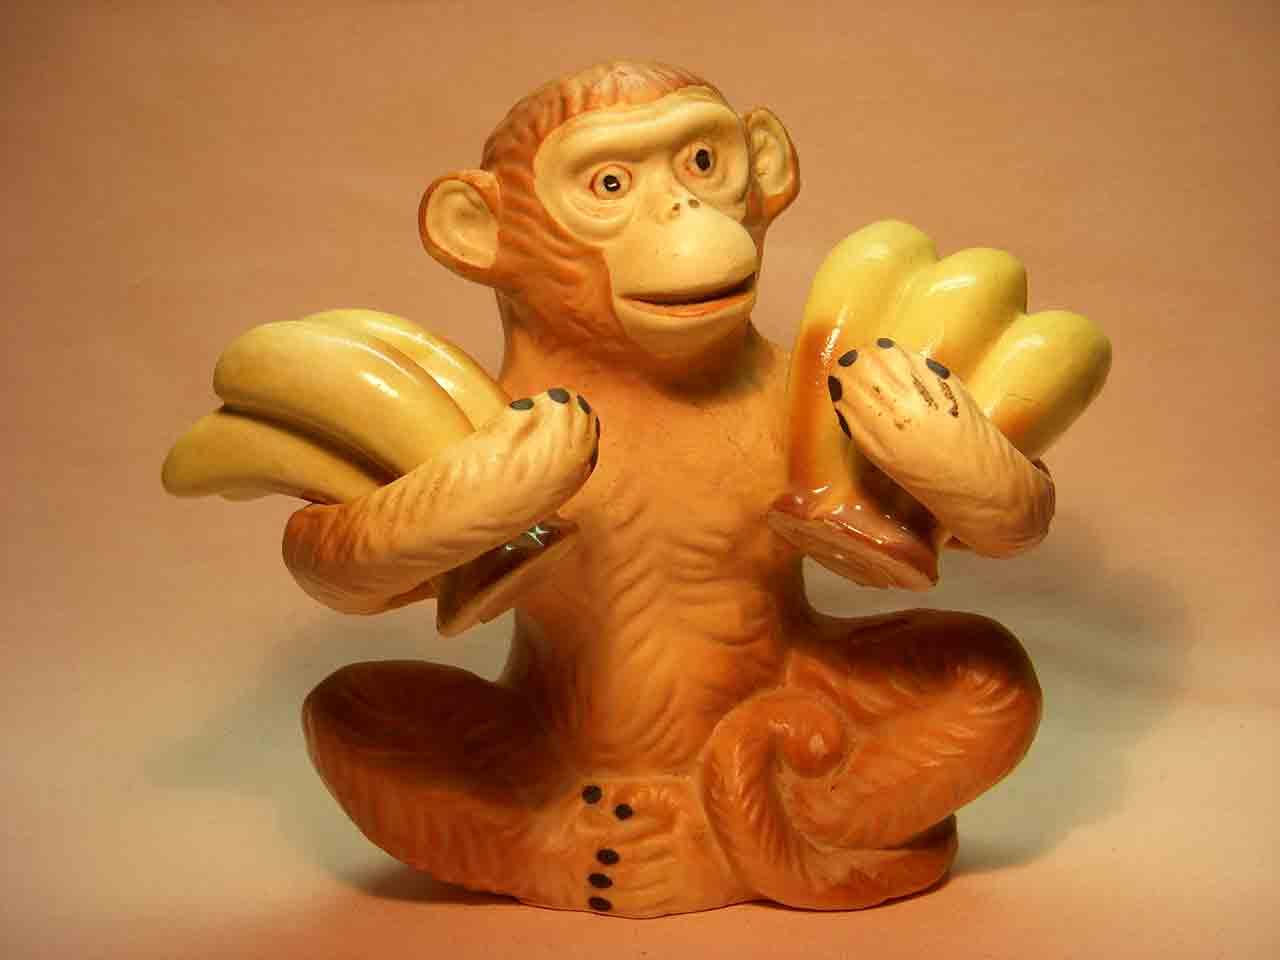 Monkey holding bananas salt and pepper shaker